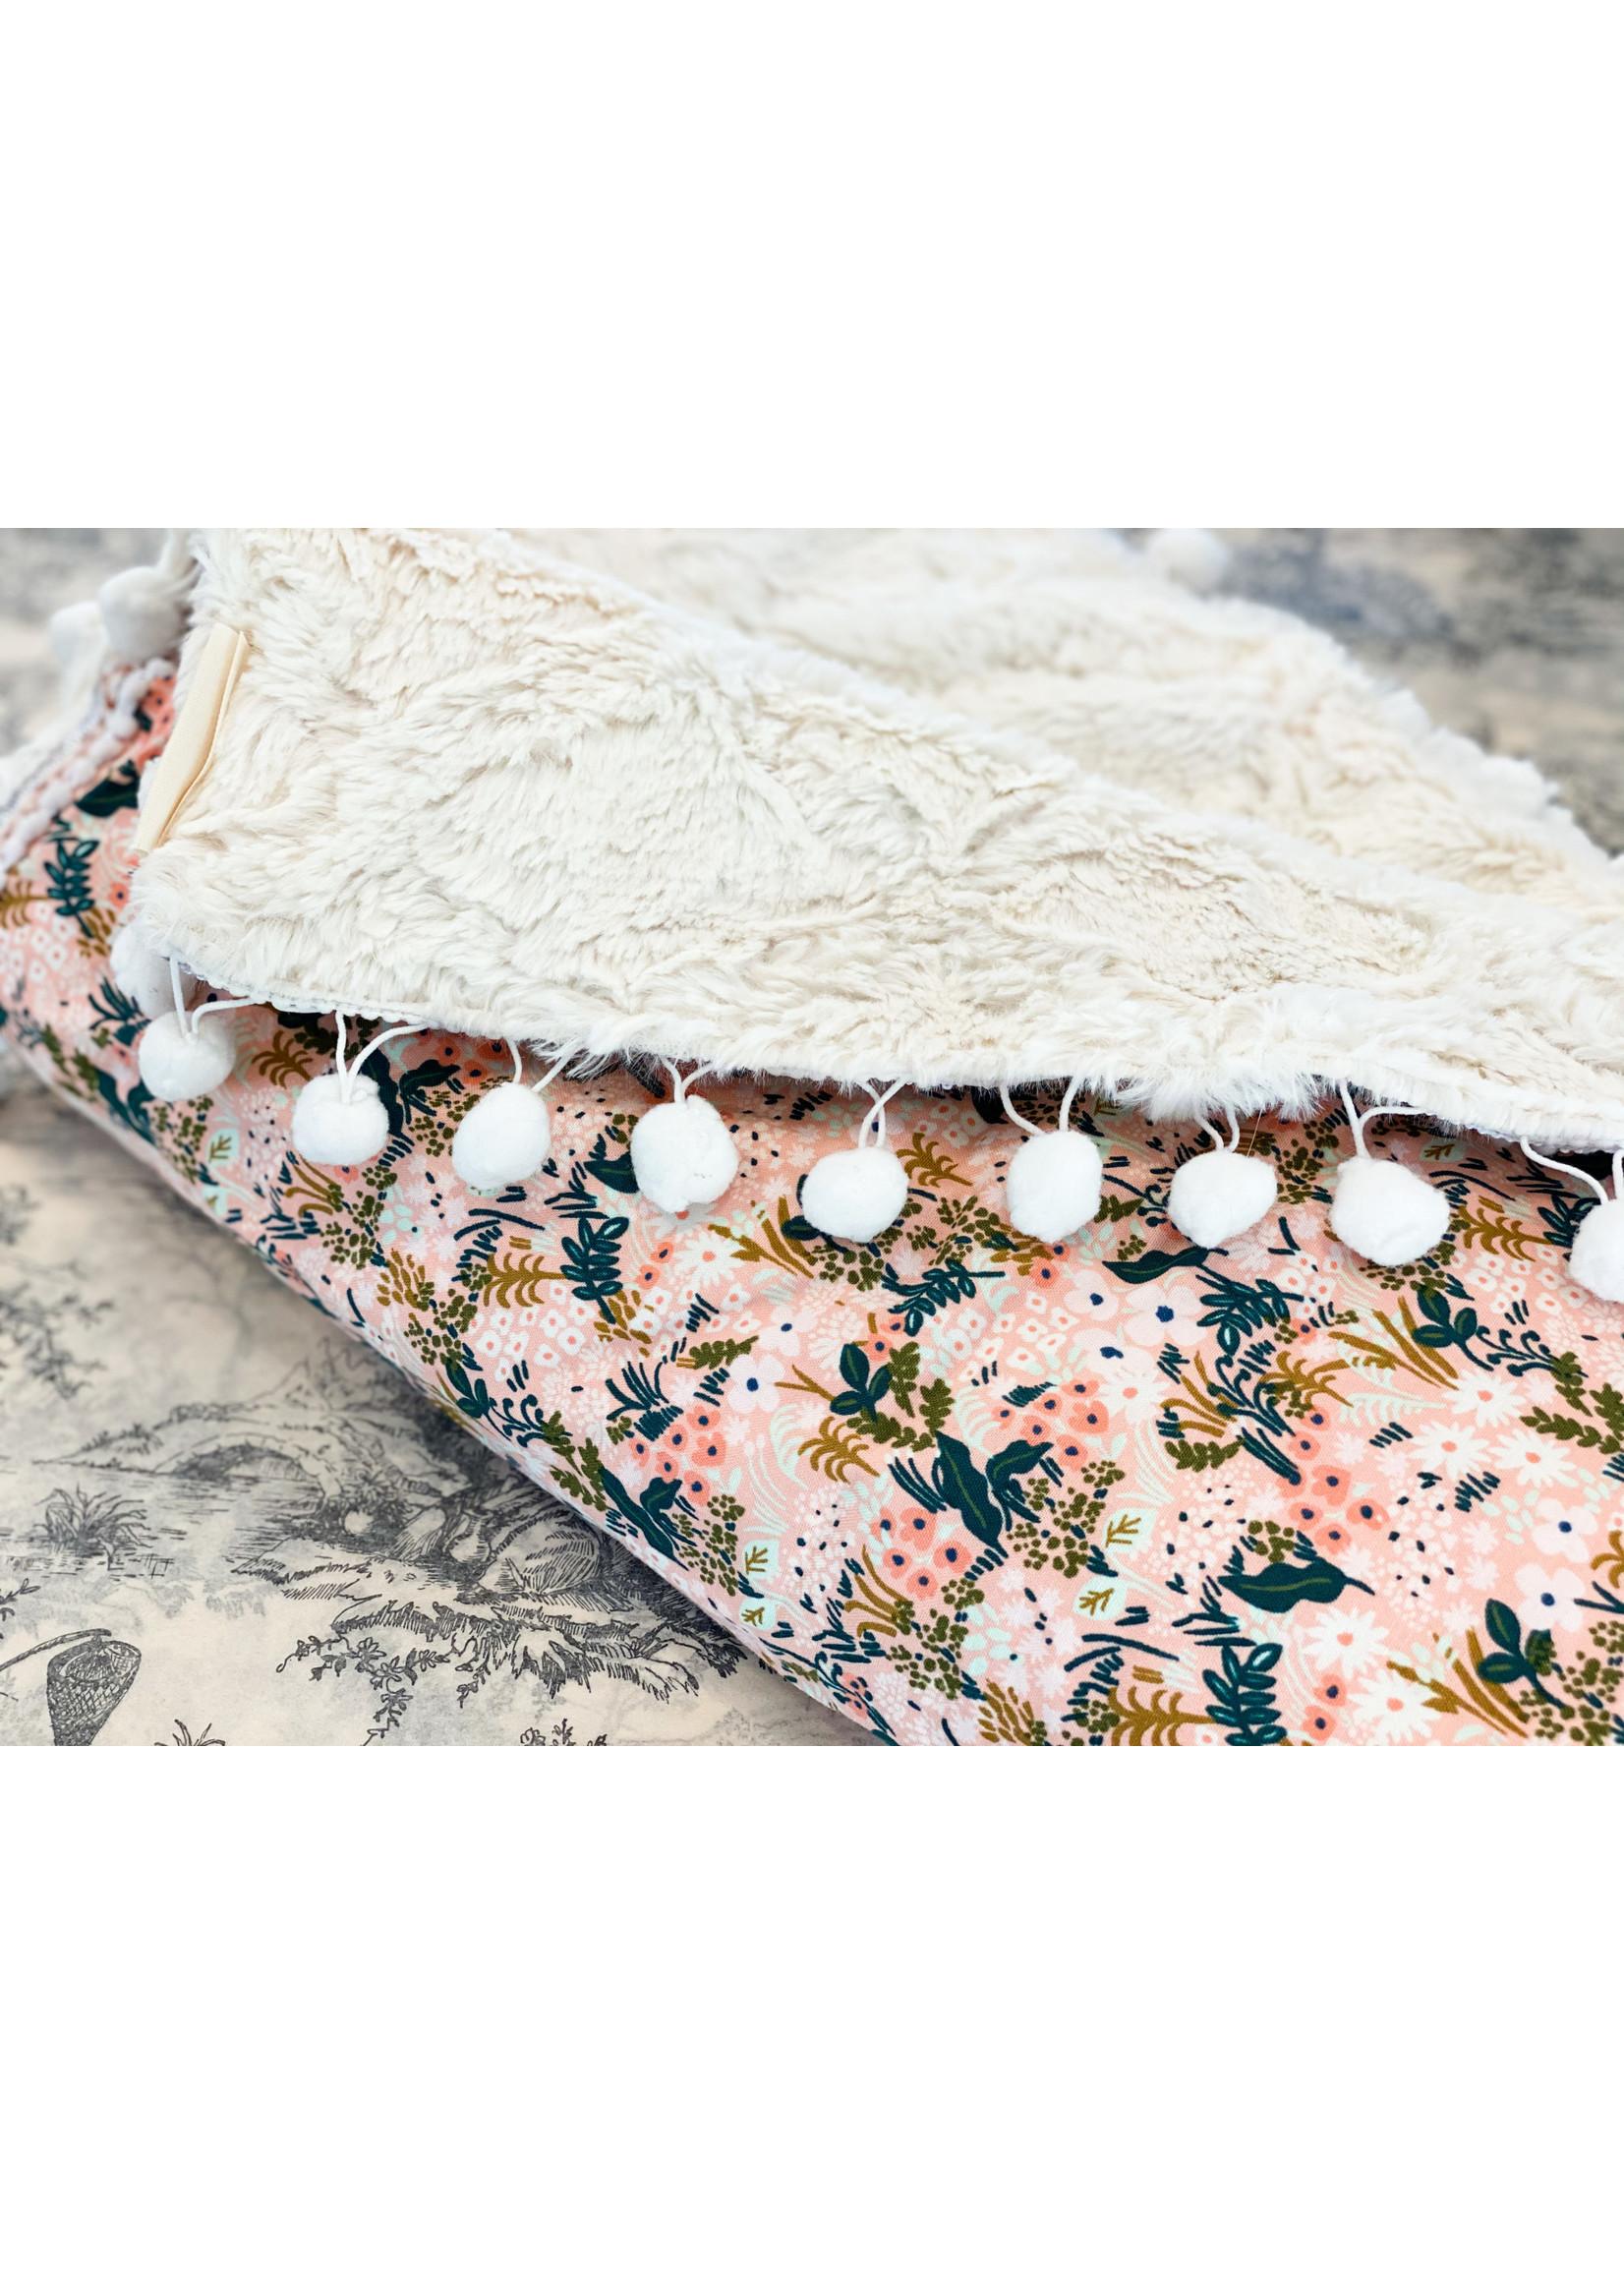 Baby Blanket - Locally Handmade Pastel - Pom Pom Edge